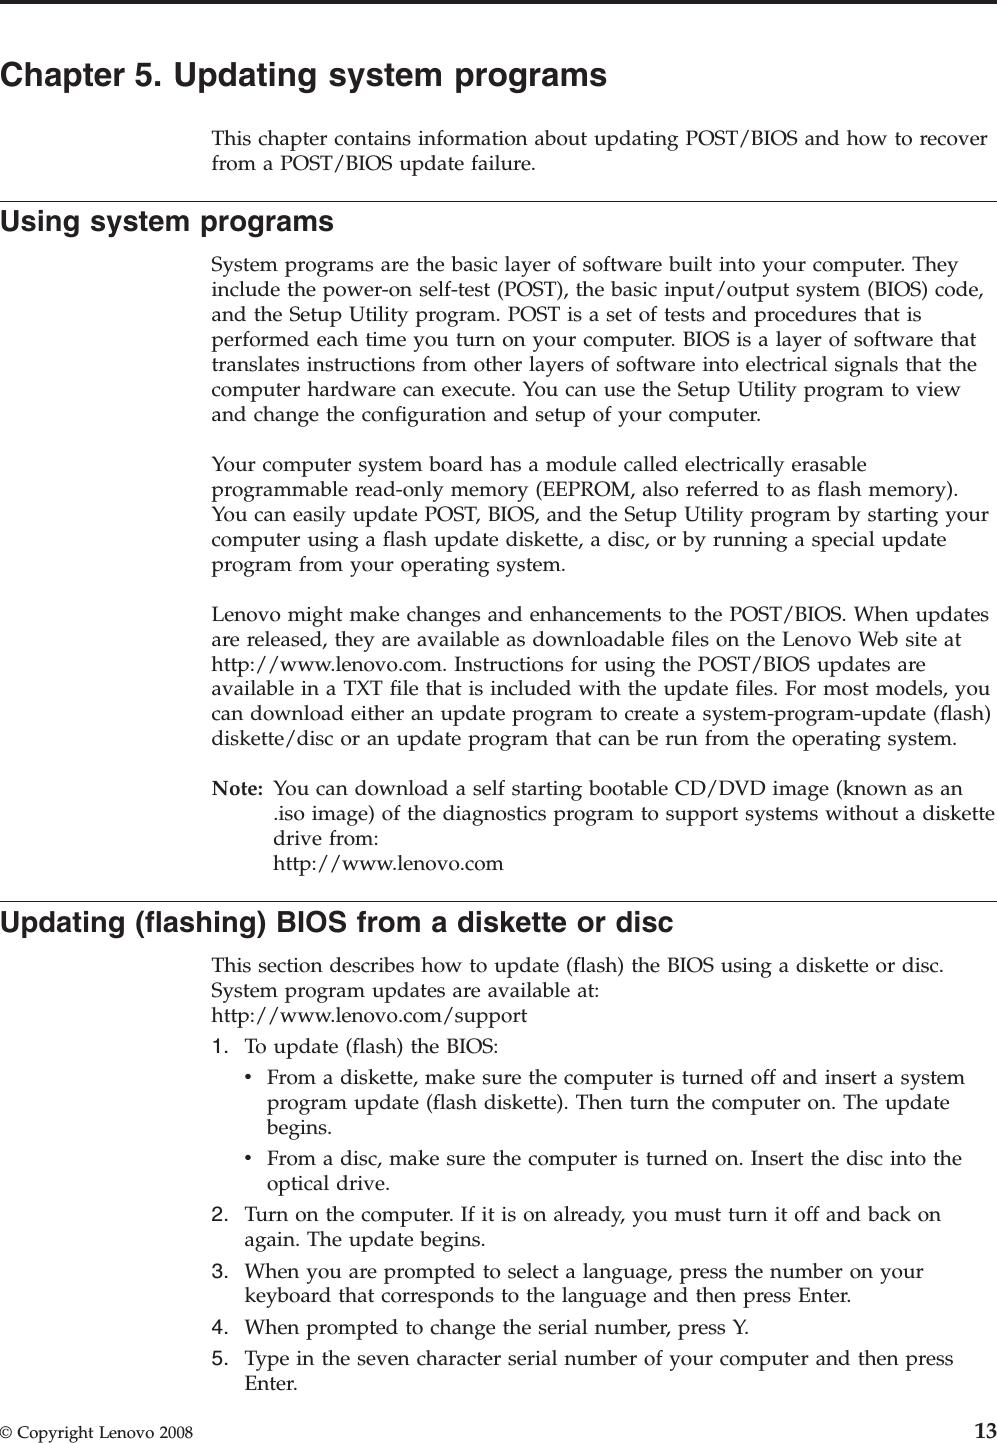 Lenovo 45C6524 User Guide Manual (English) A57 Desktop